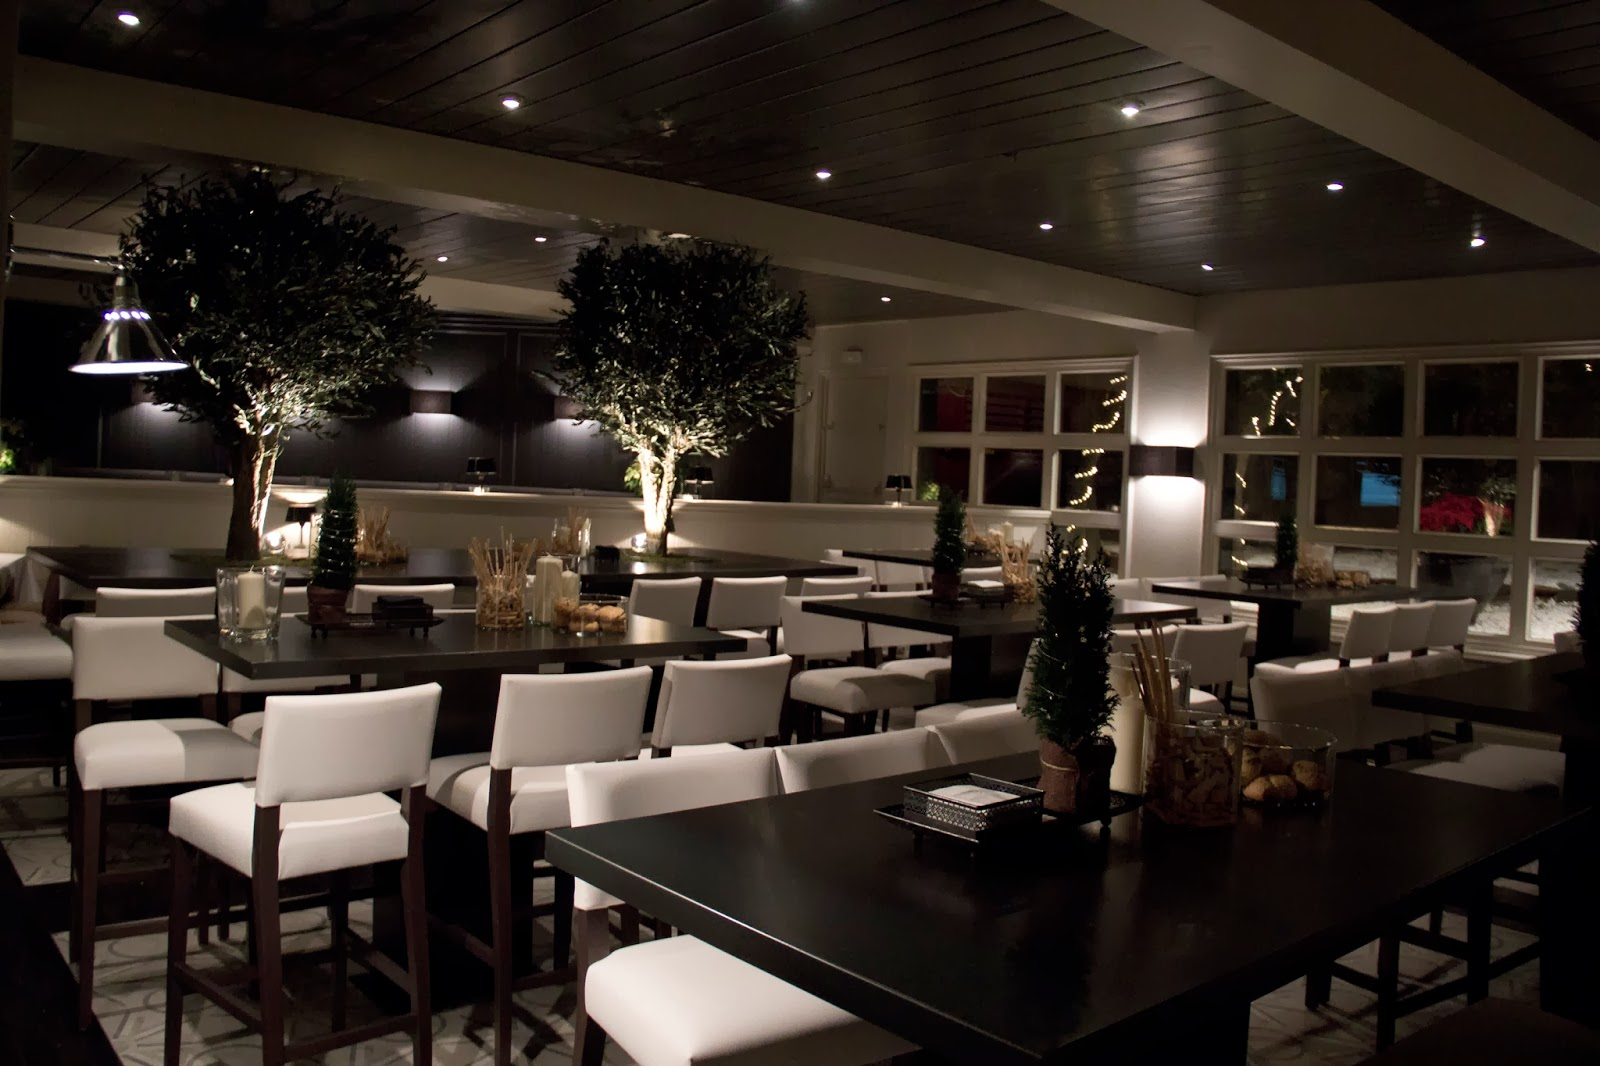 ATA Club cozy interior